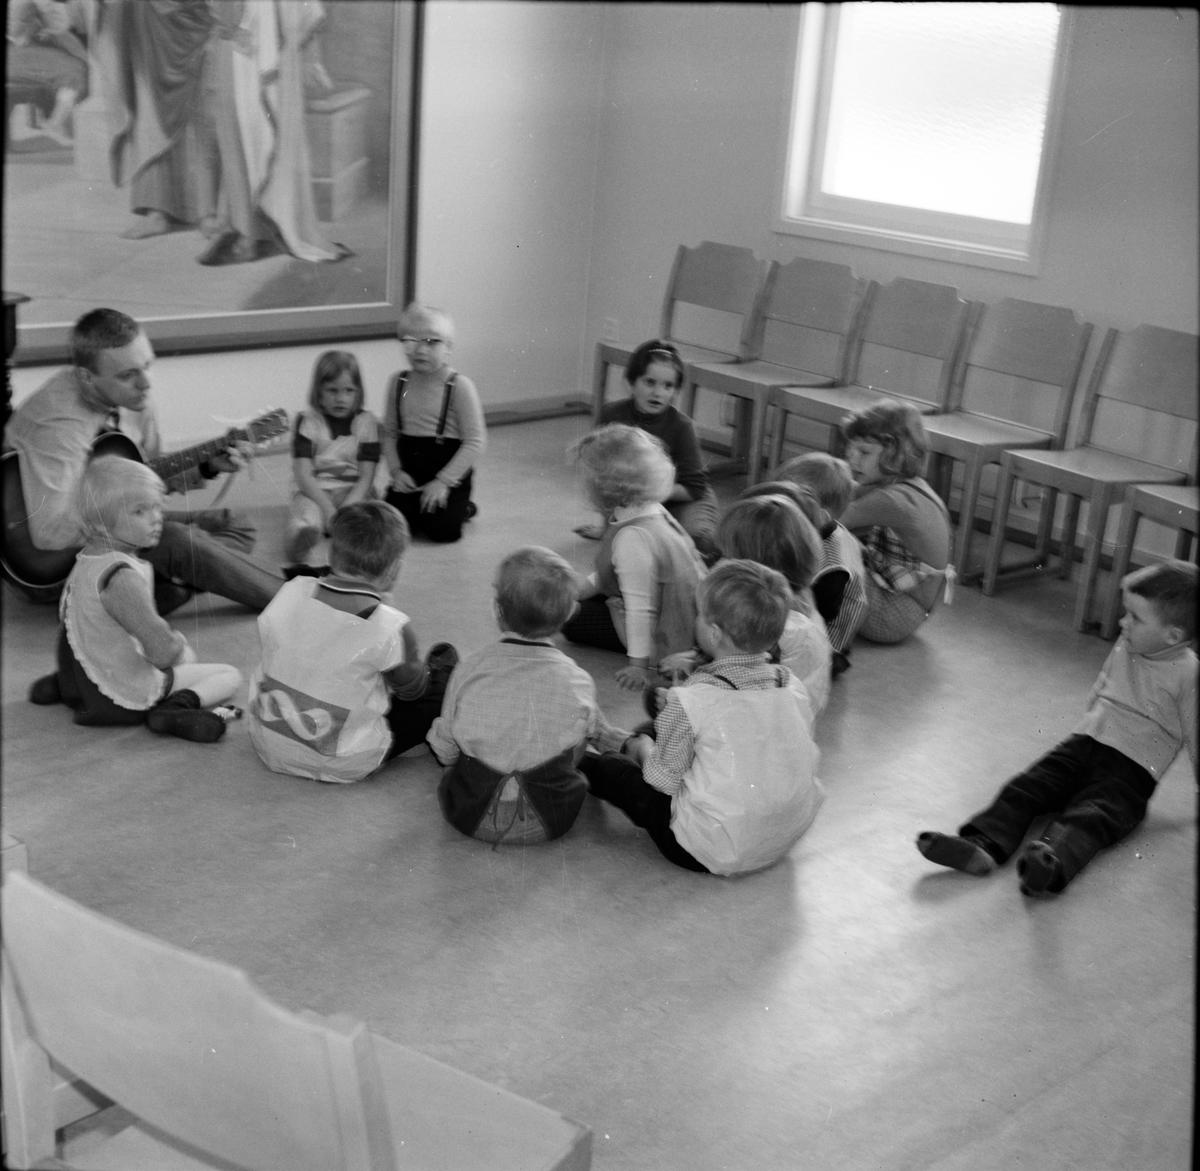 Vallsta, Lekskola i Missionskyrkan, Mars 1969